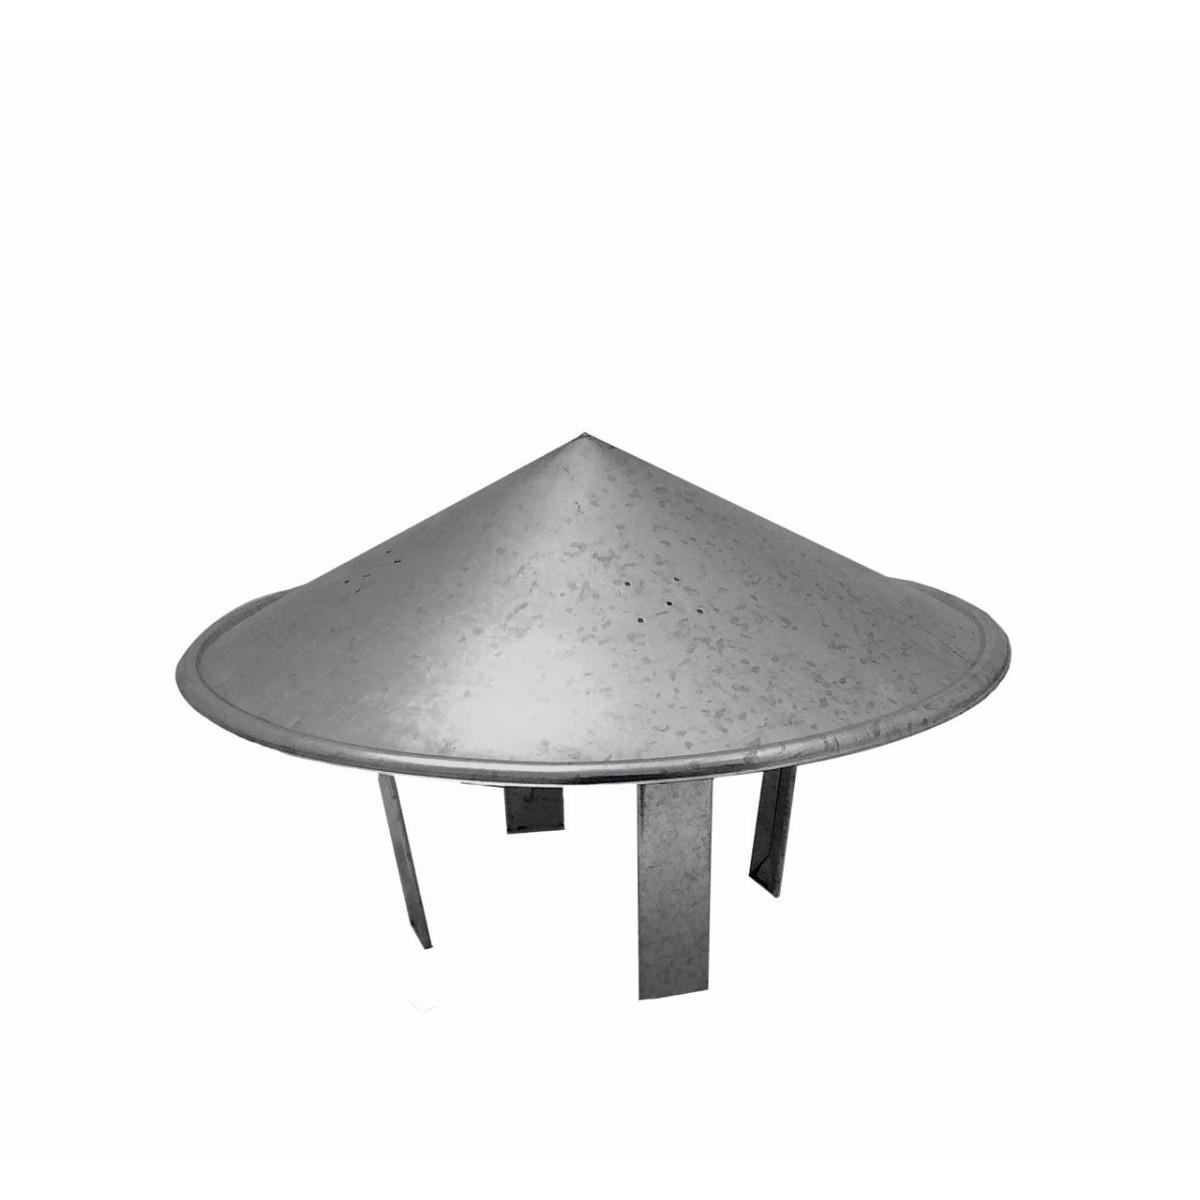 Chapéu chinês galvanizado para dutos de 130 mm de diâmetro para topo de chaminé  - Galvocalhas